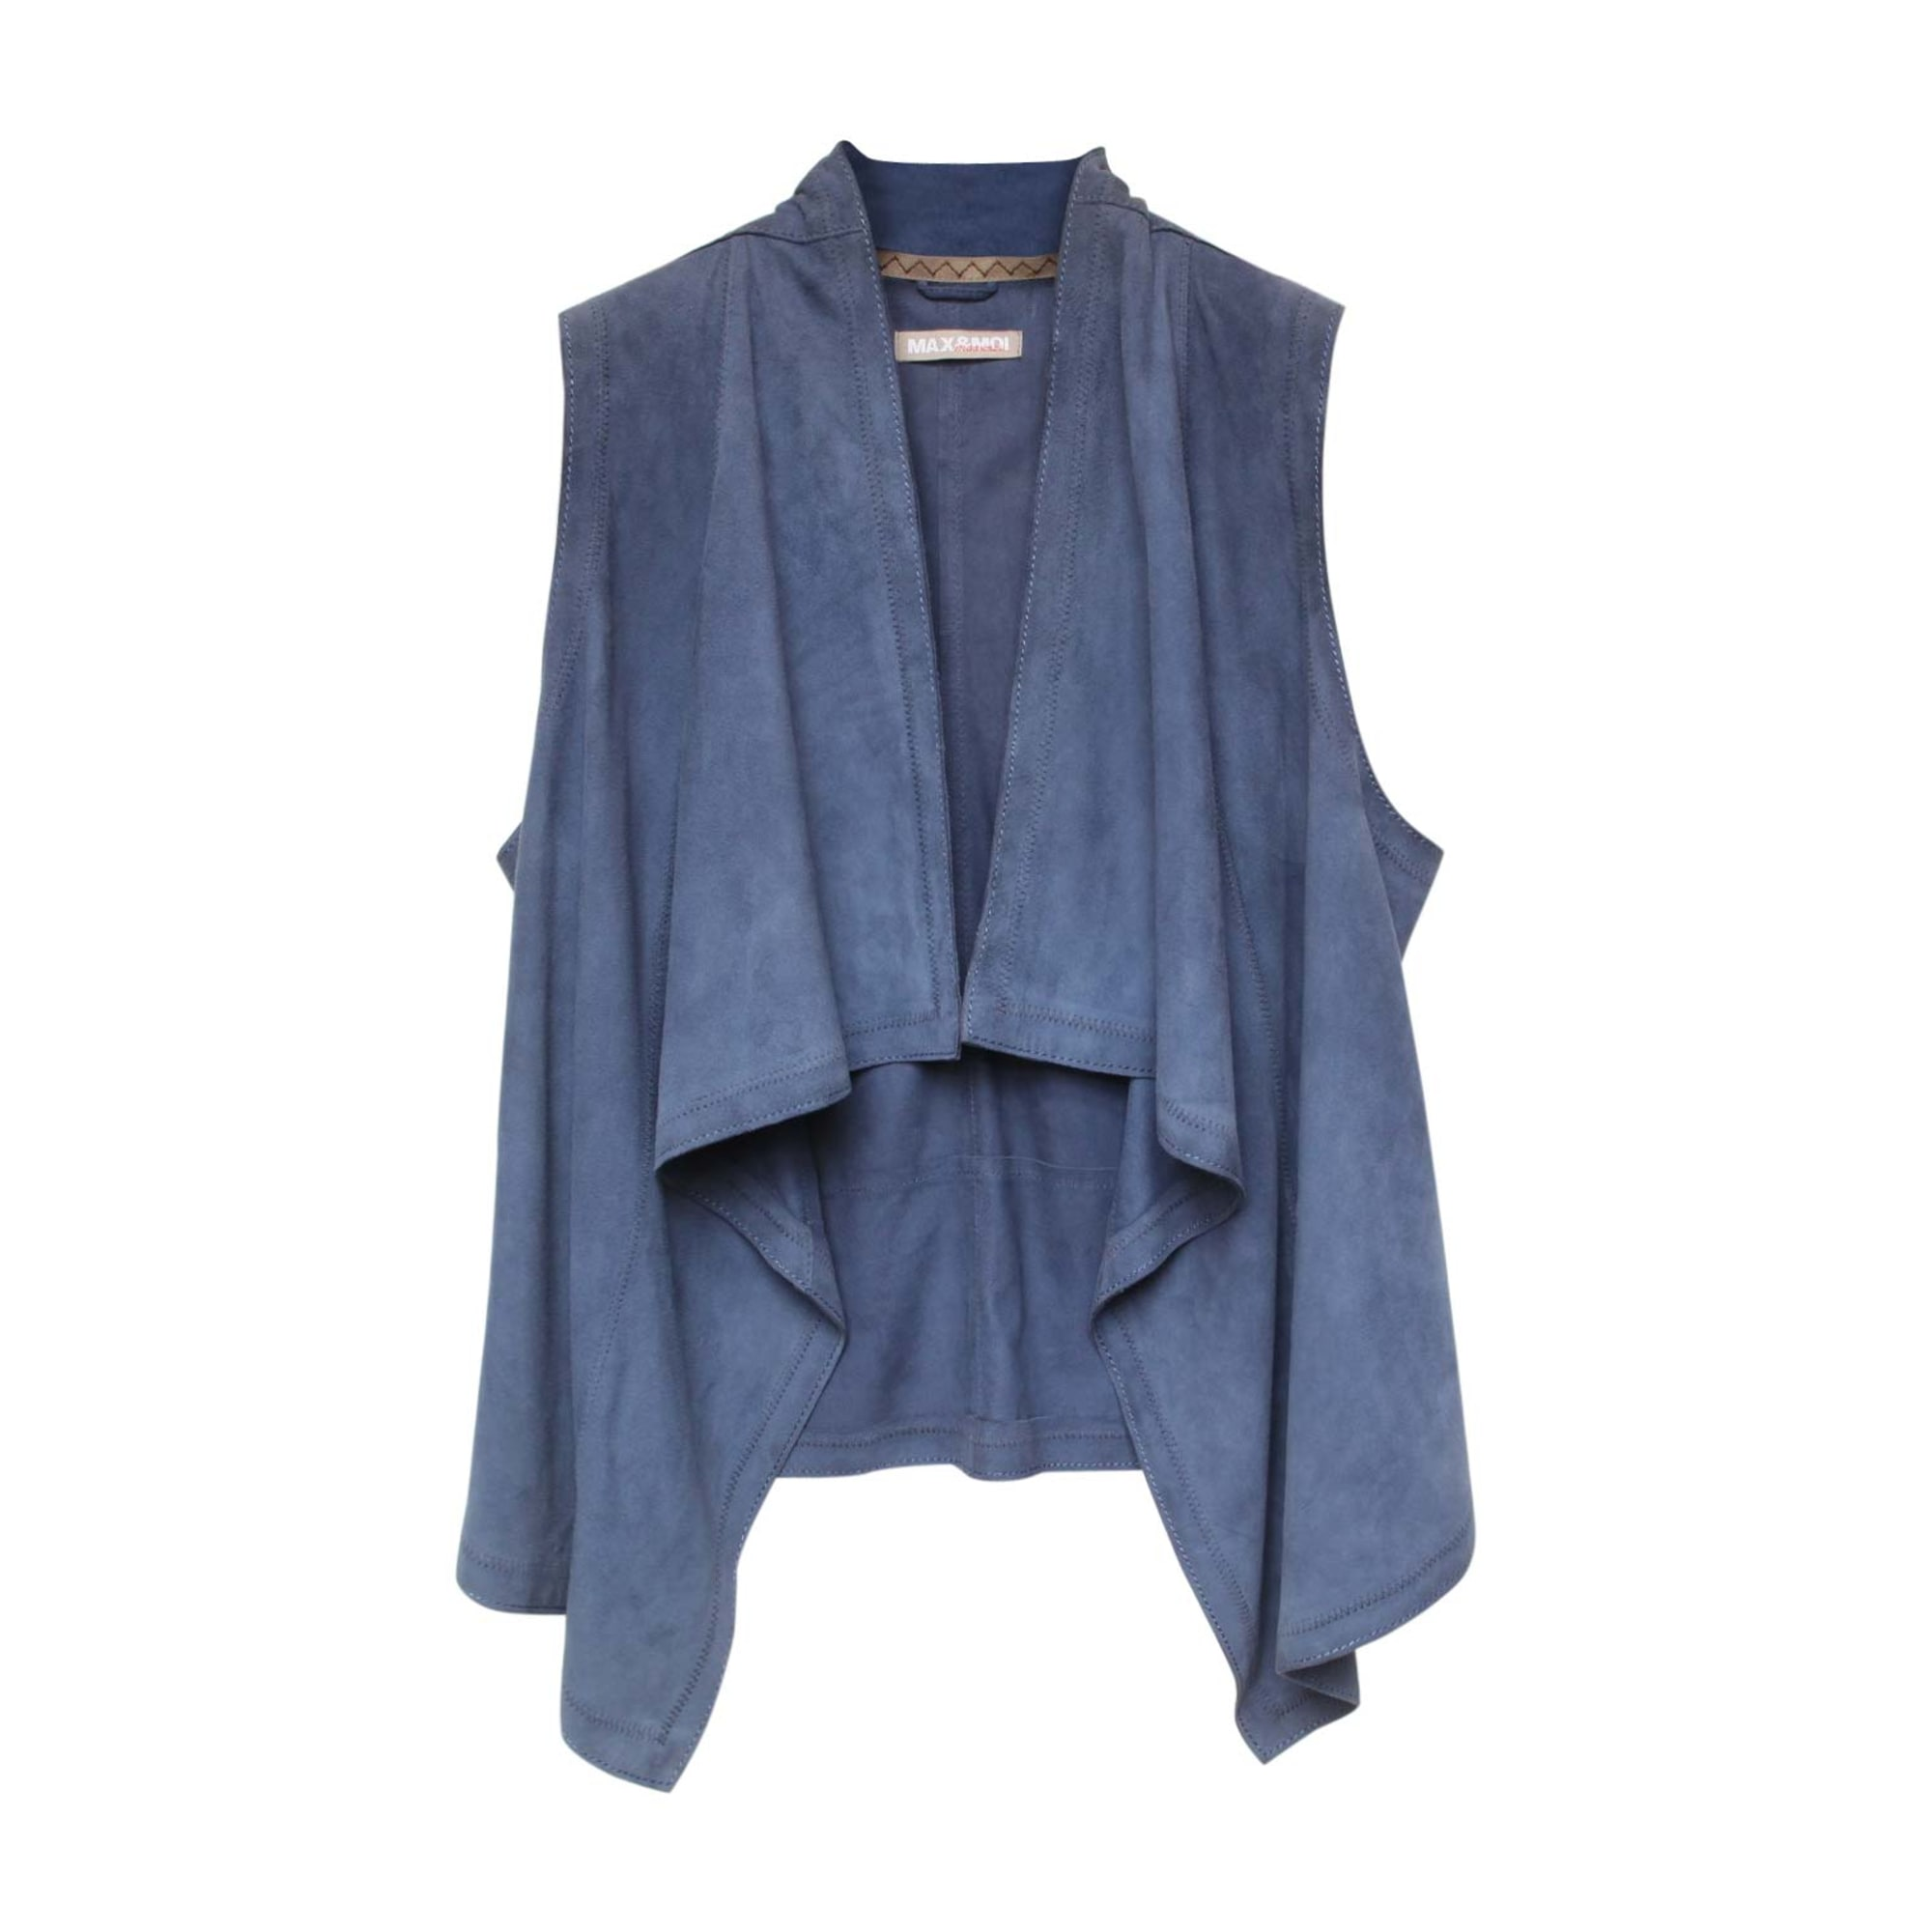 m Veste Moi Par Blazer Bleu Max Vendu Zoomkat´s 38 T2 Tailleur amp; RYdgqUw